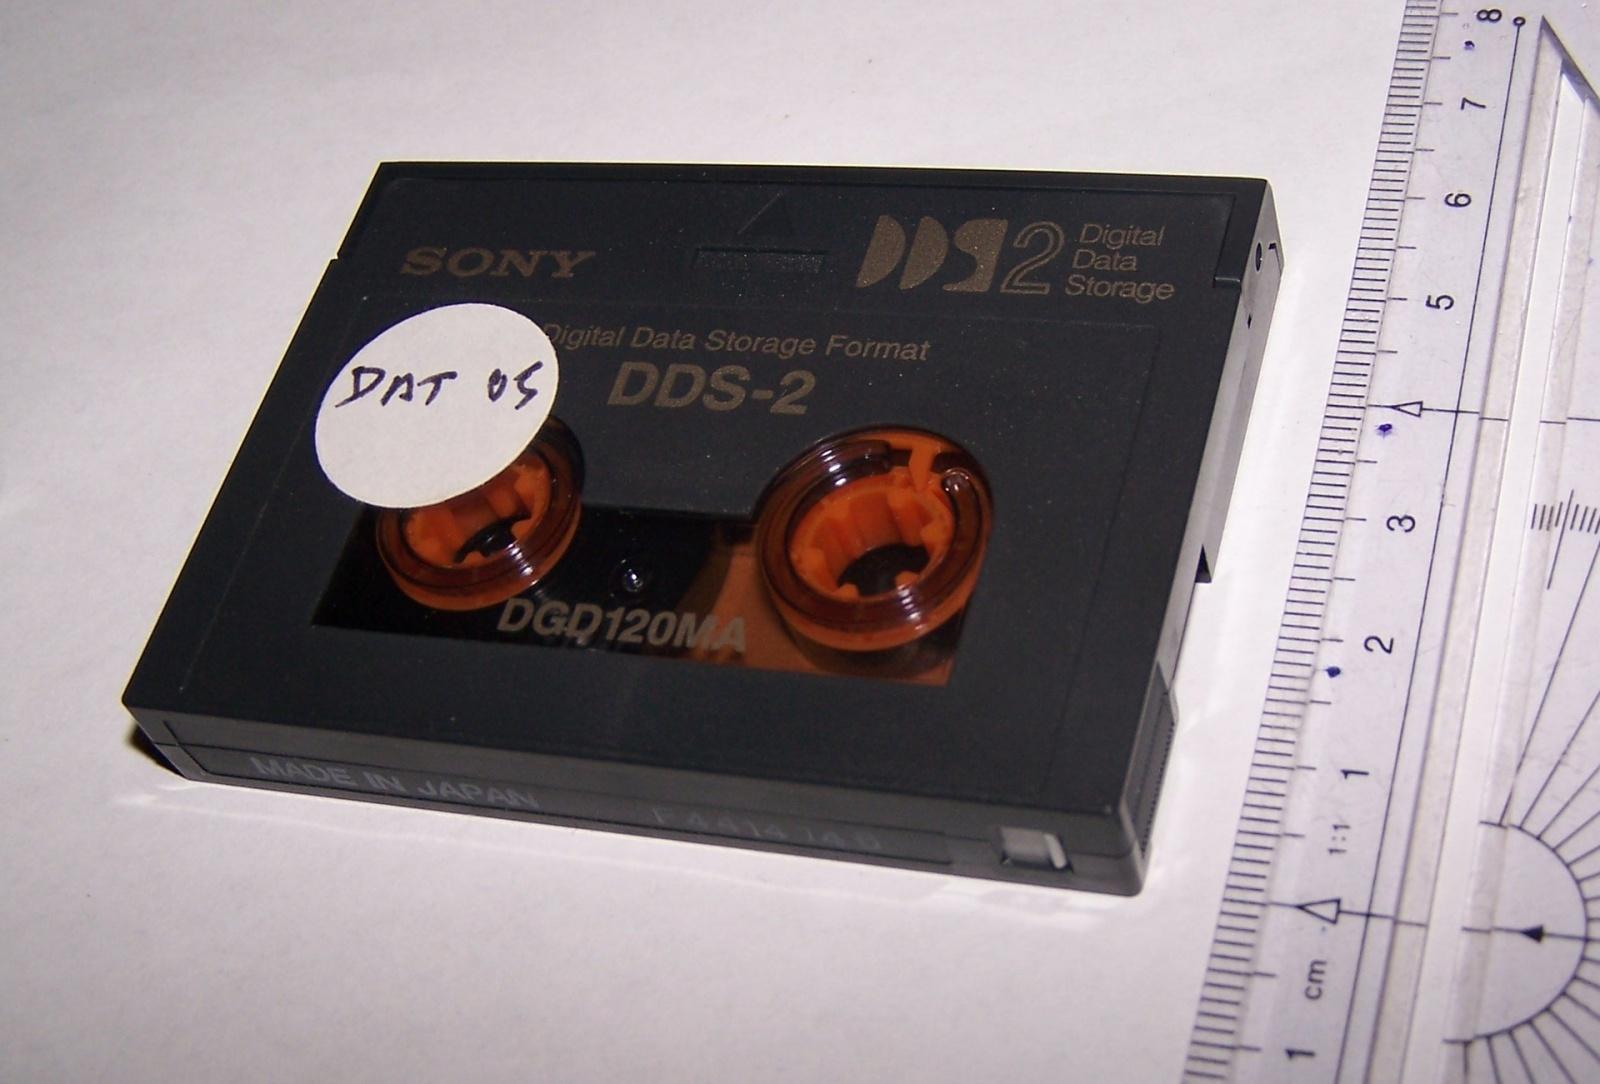 DAT: промахнувшийся убийца CD или еще один несправедливо забытый формат - 13